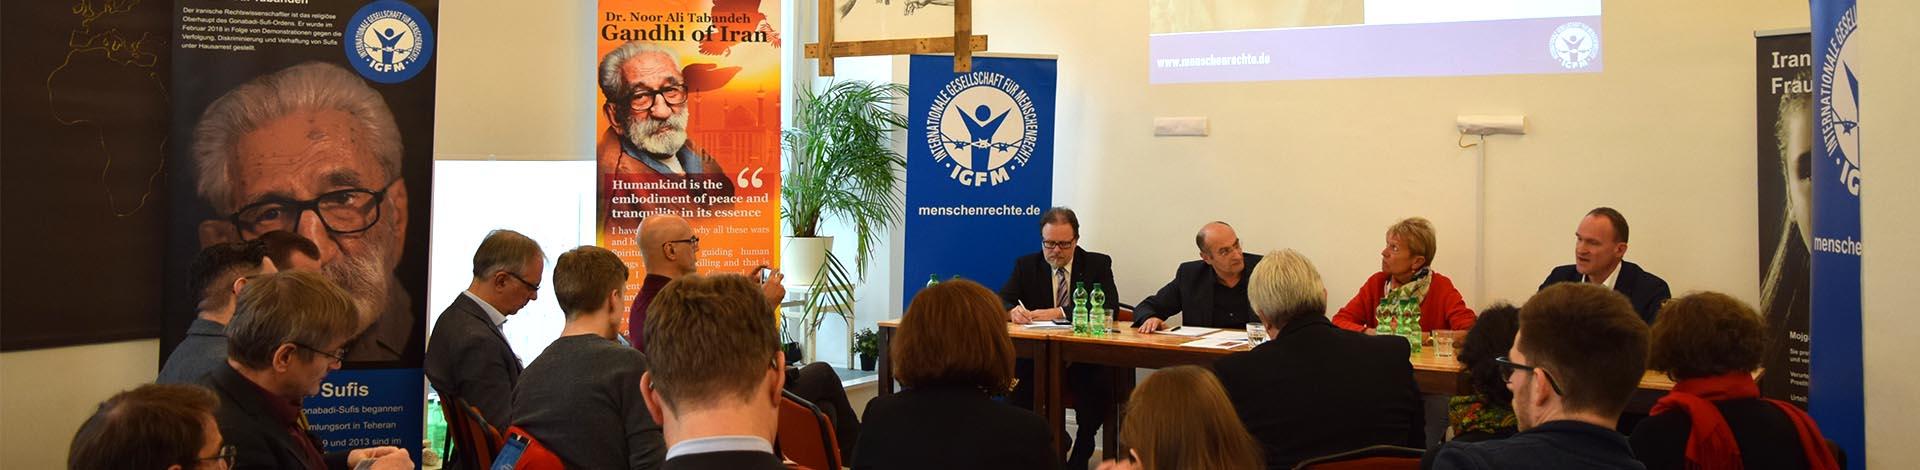 Keine Toleranz für den Folterstaat Iran. Iran-Symposium am 6. Dezember in Berlin